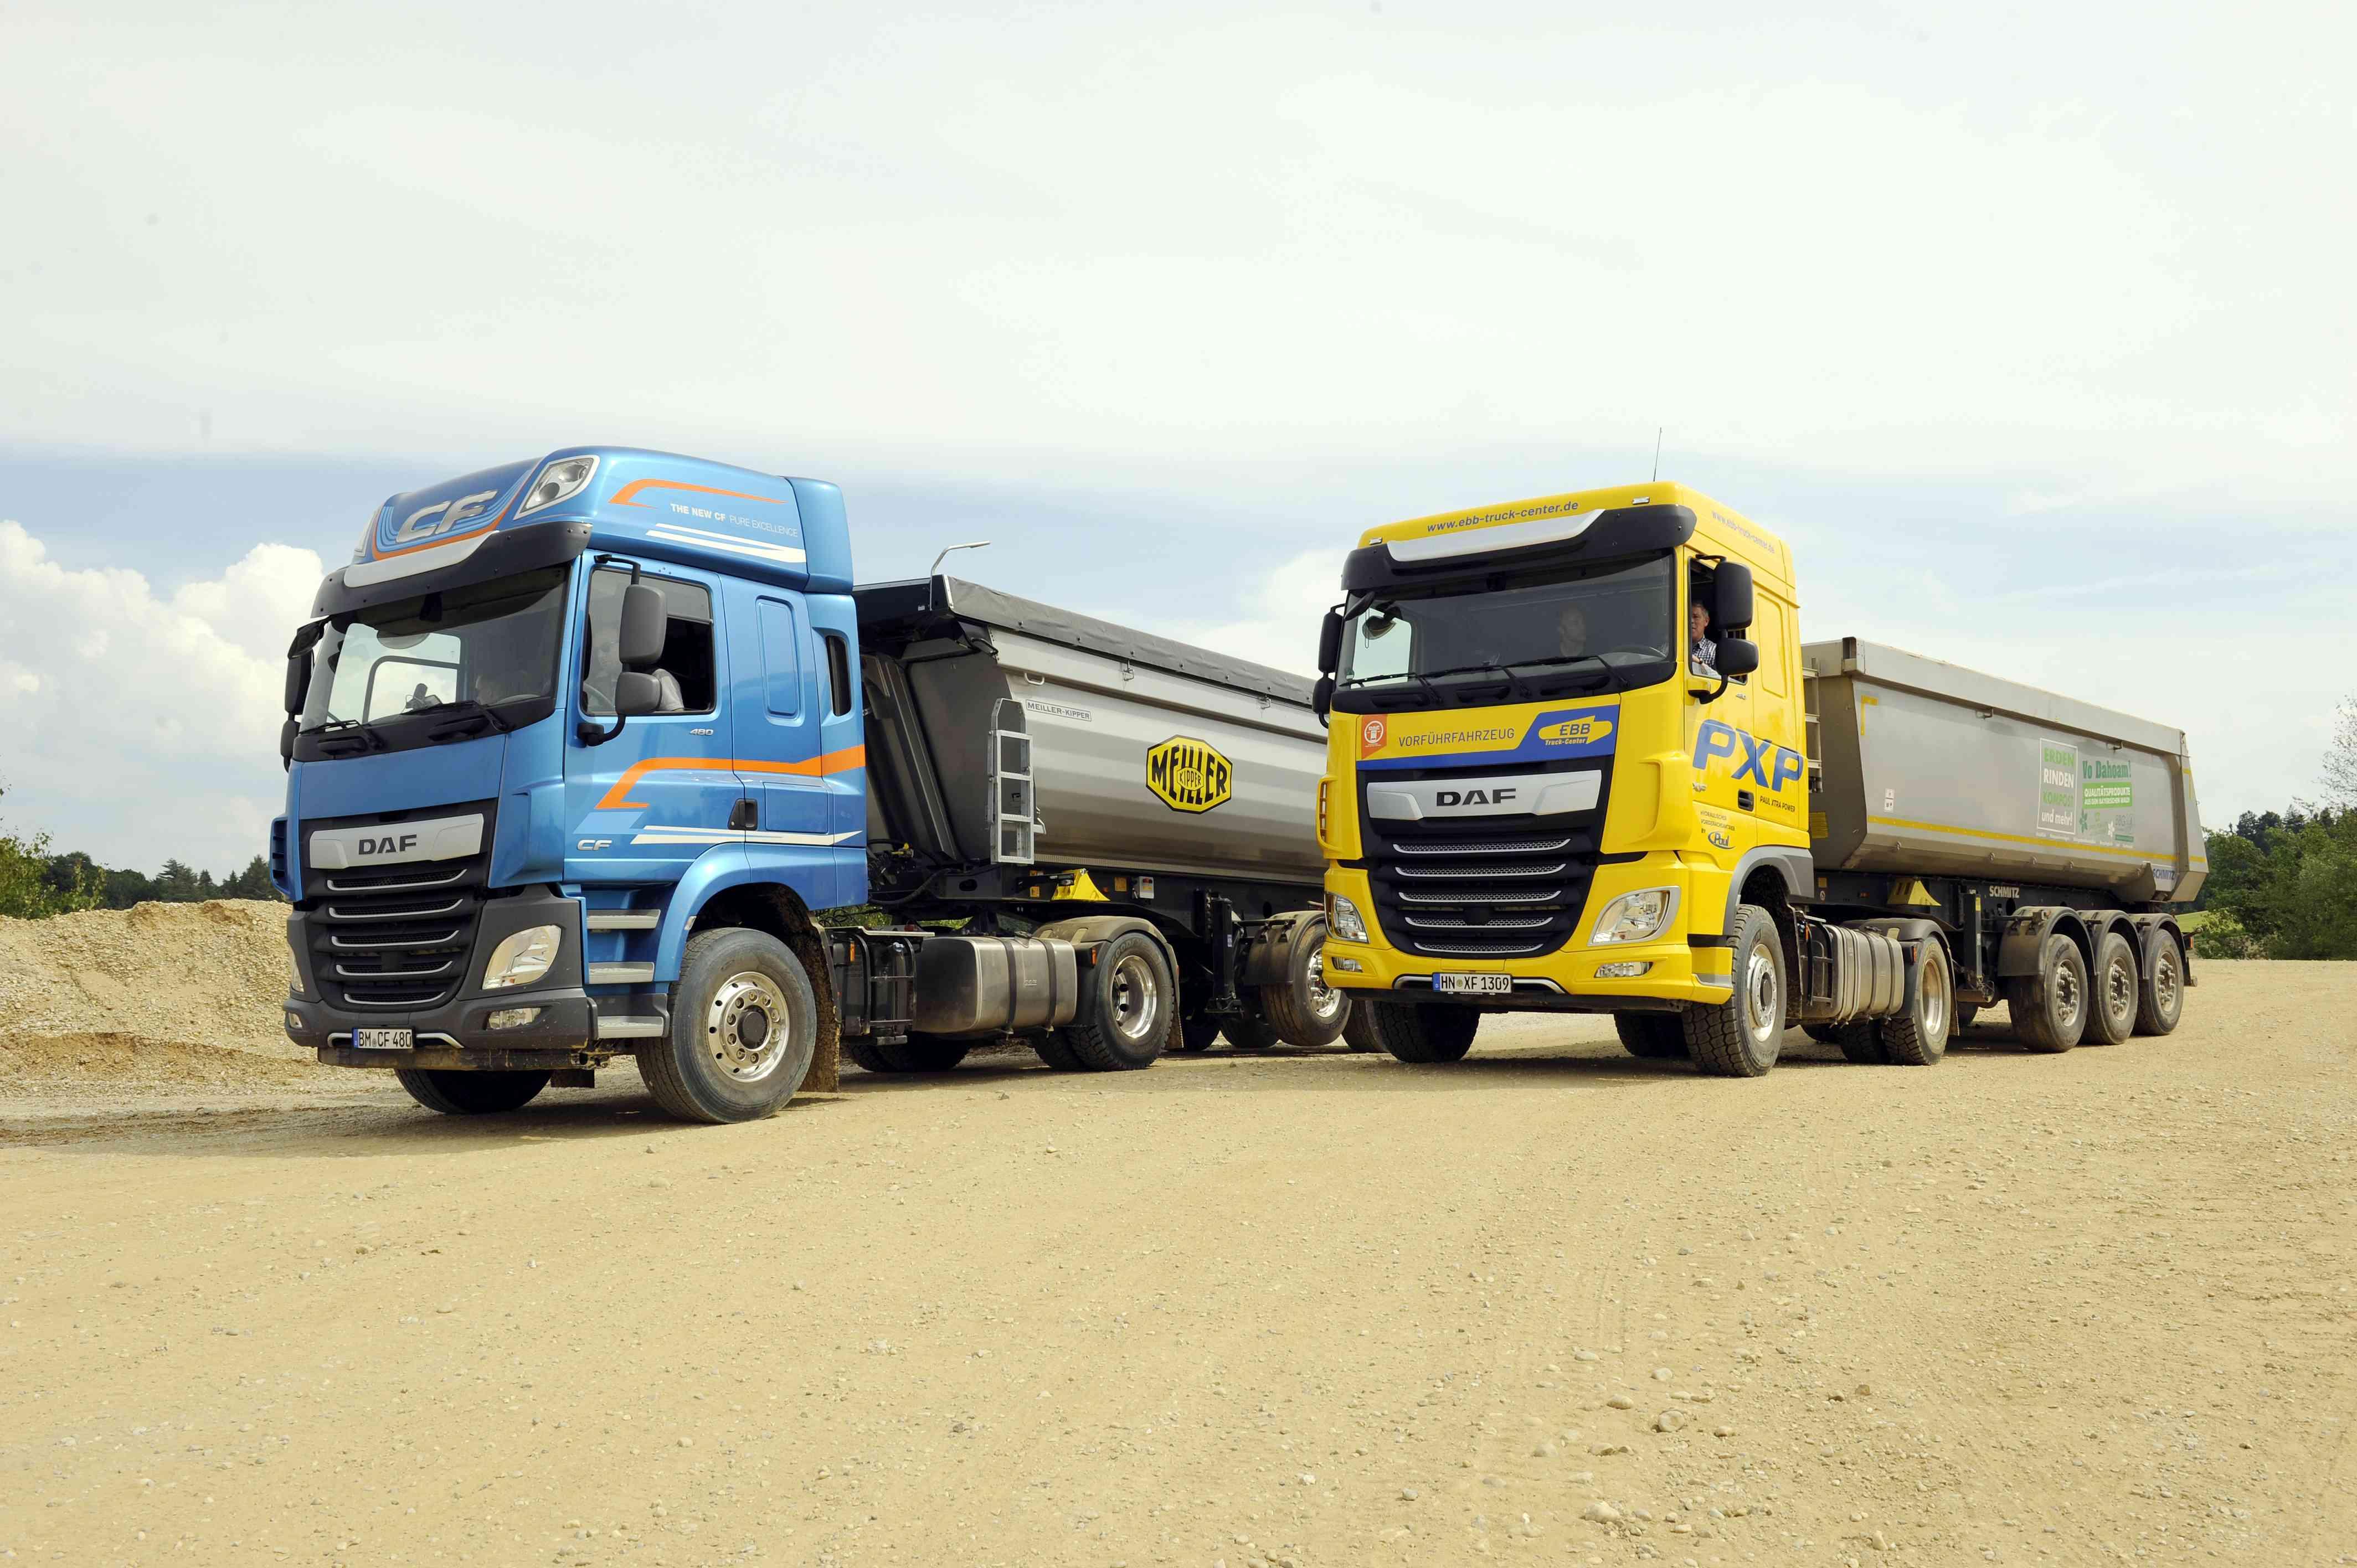 DAF stellt hydraulischen PXP Antrieb vor.